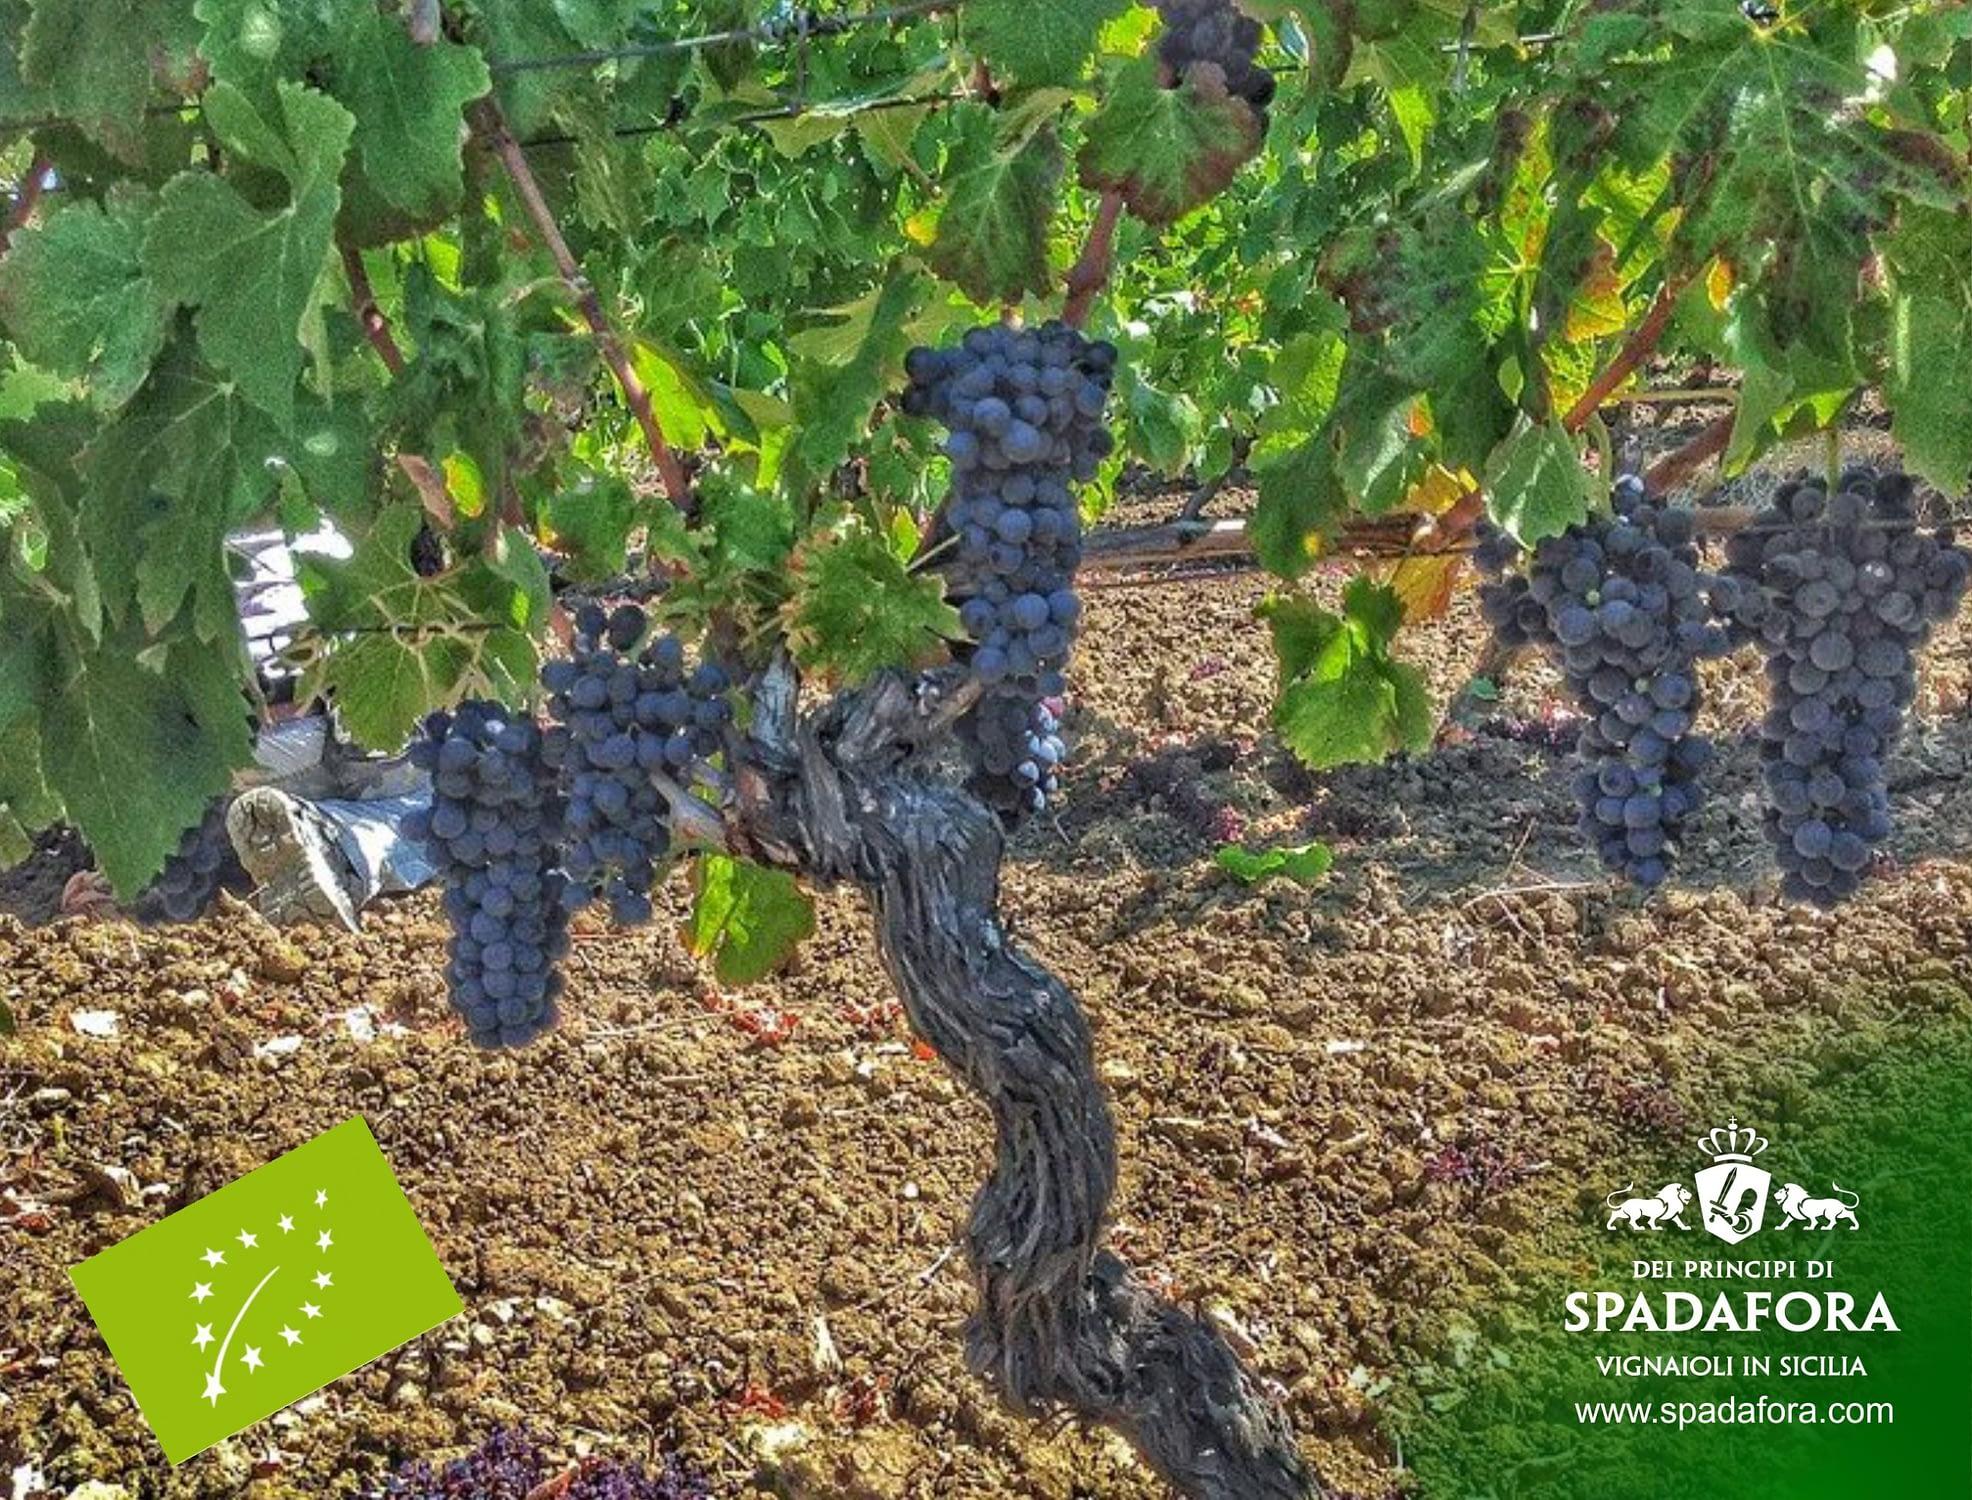 vendita online vino biologico siciliano, Dei Principi di Spadafora